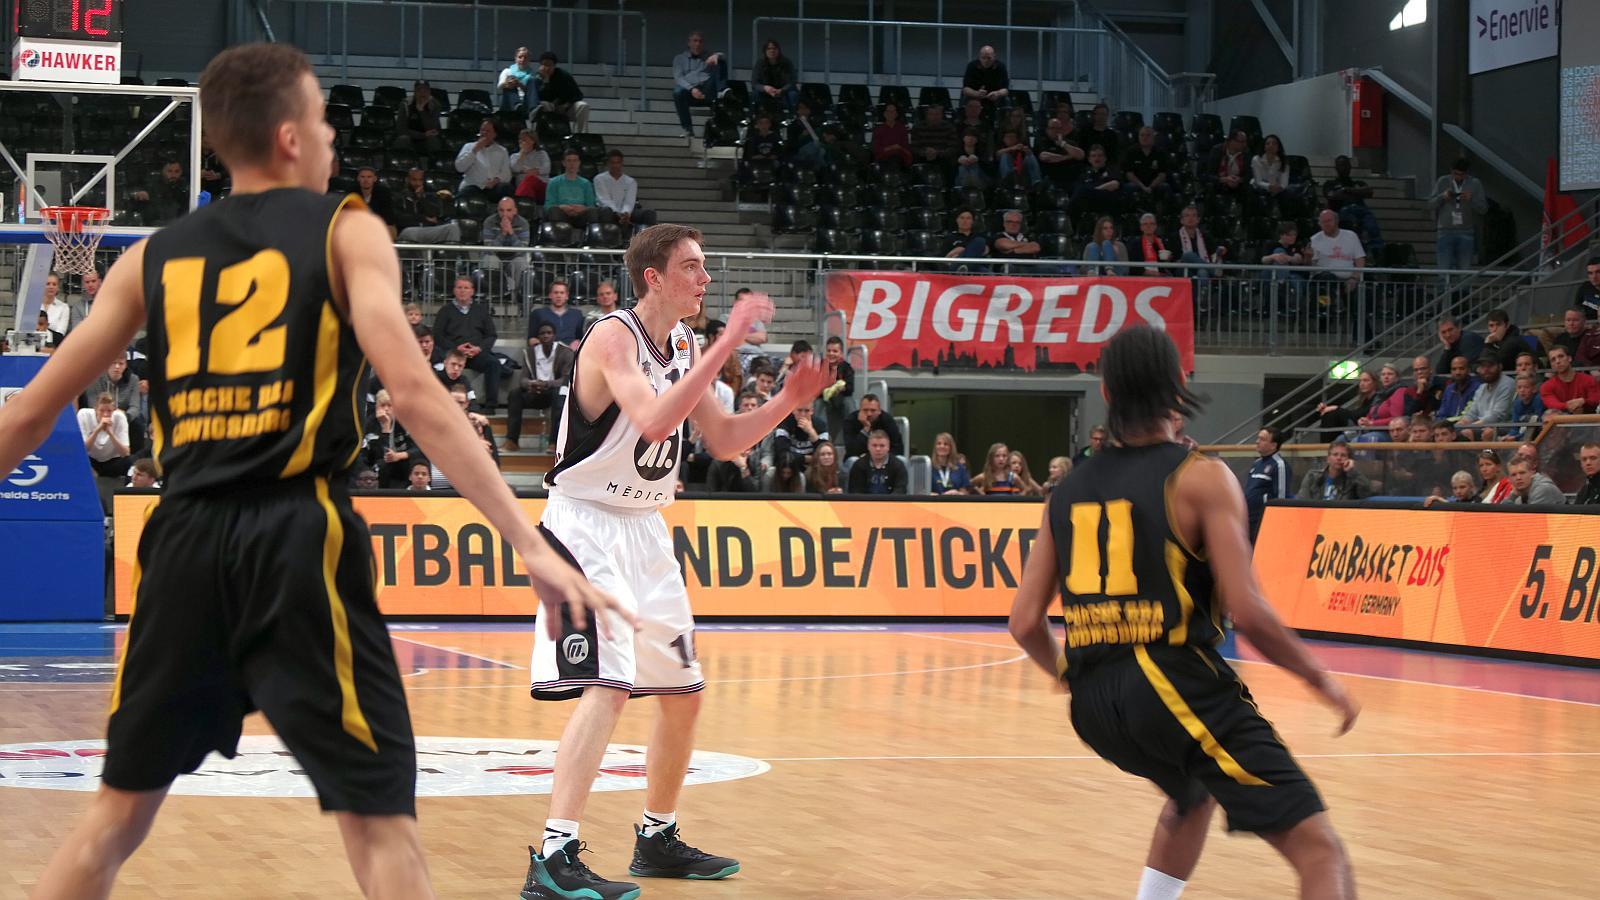 Gut bei der Frankfurter Defense aufgehoben: Philipp Herkenhoff (Young Dragons Quakenbrück)